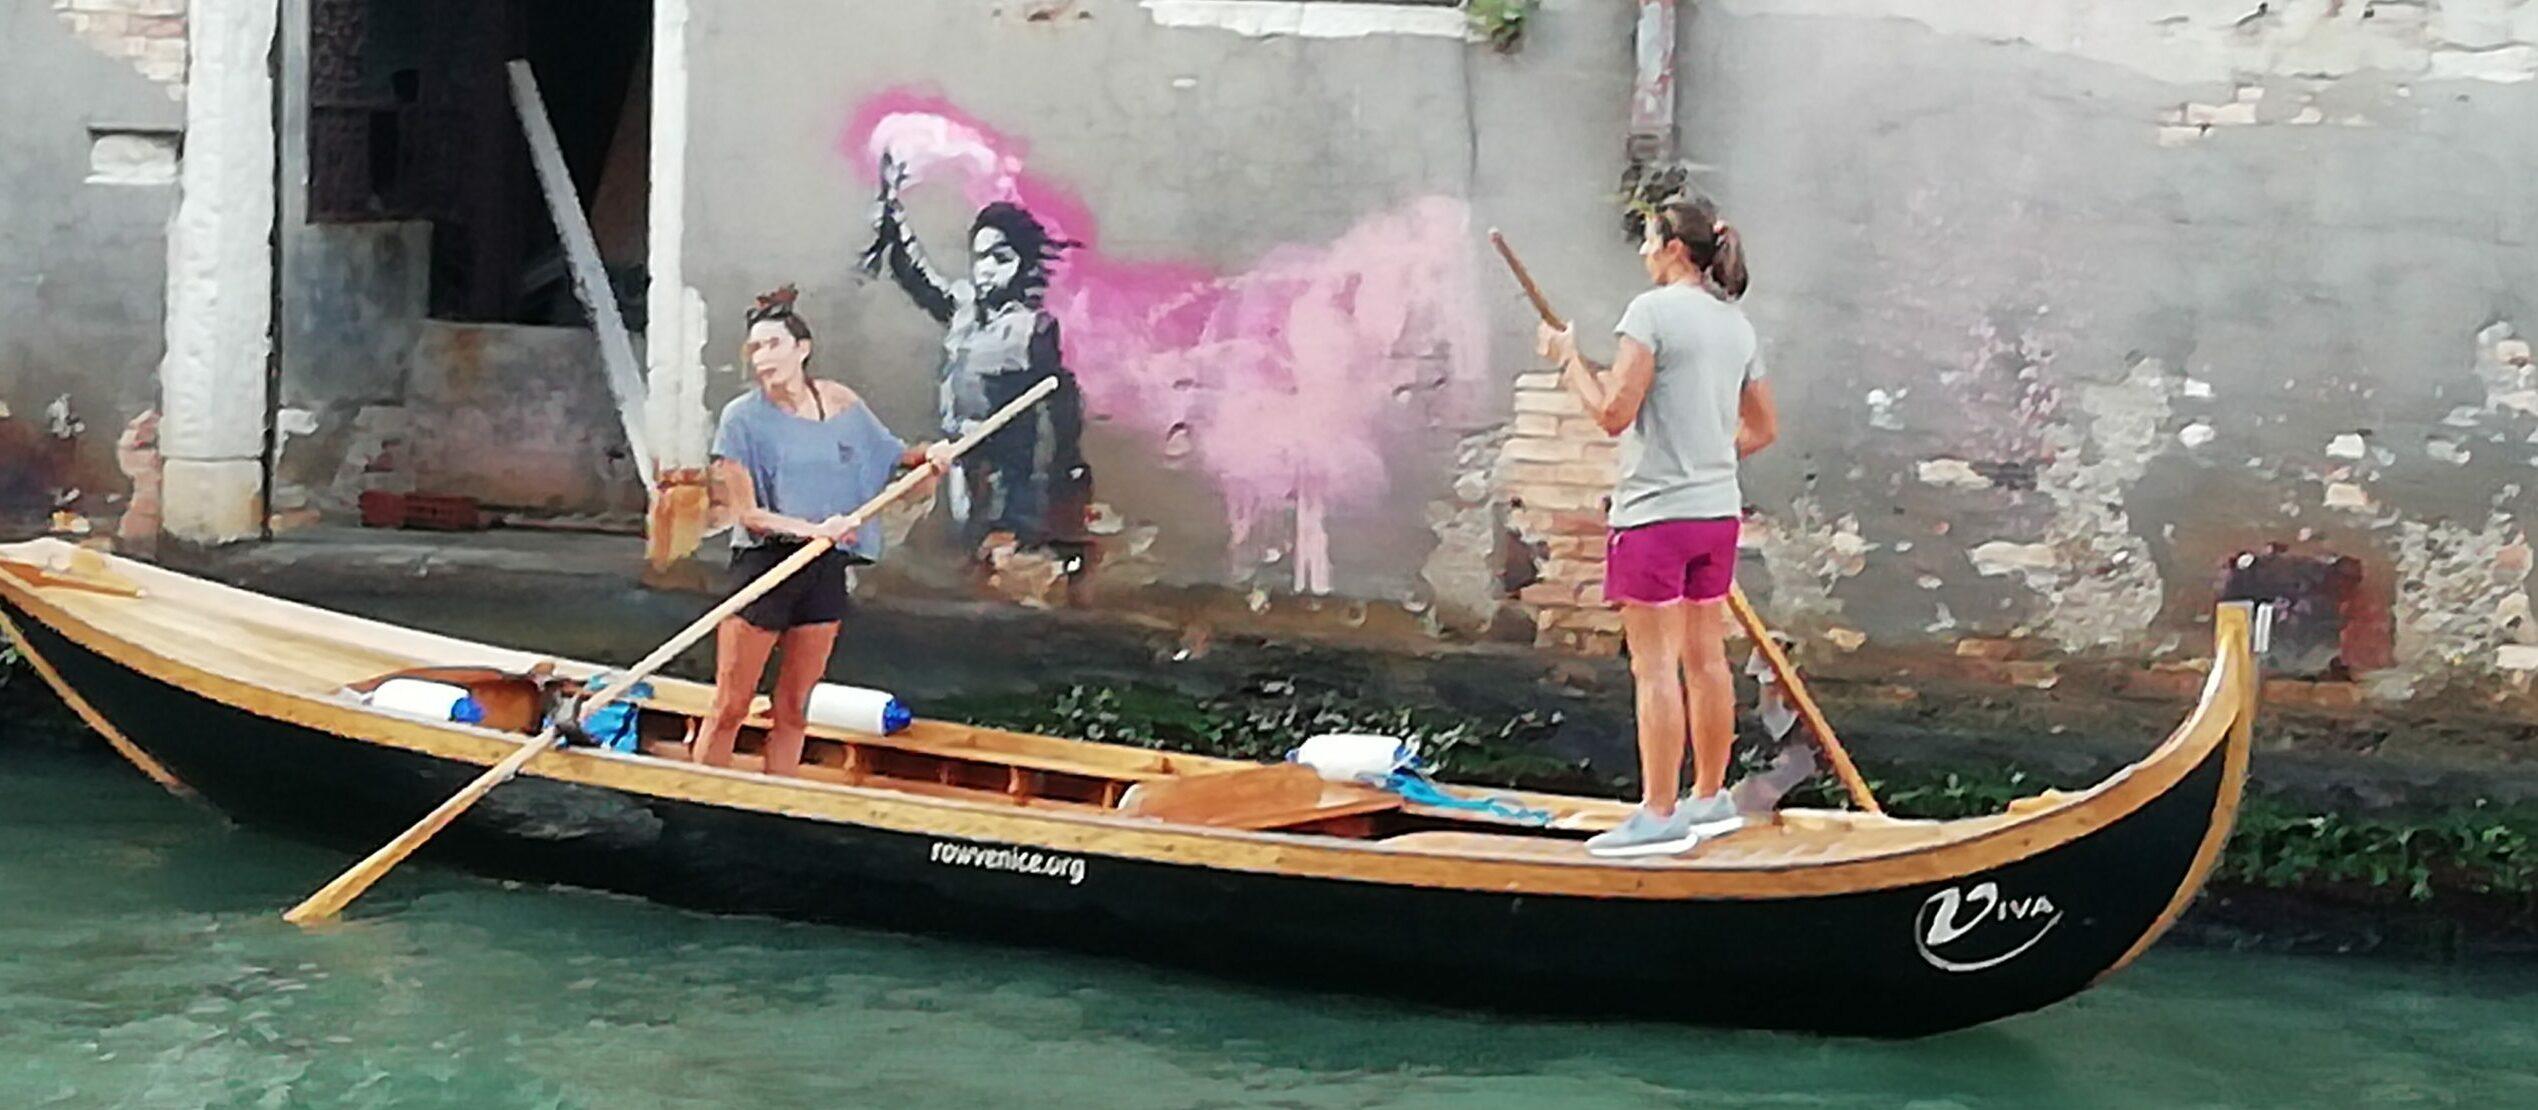 Un tourisme durable pour Venise à travers l'Art Urbain de Banksy